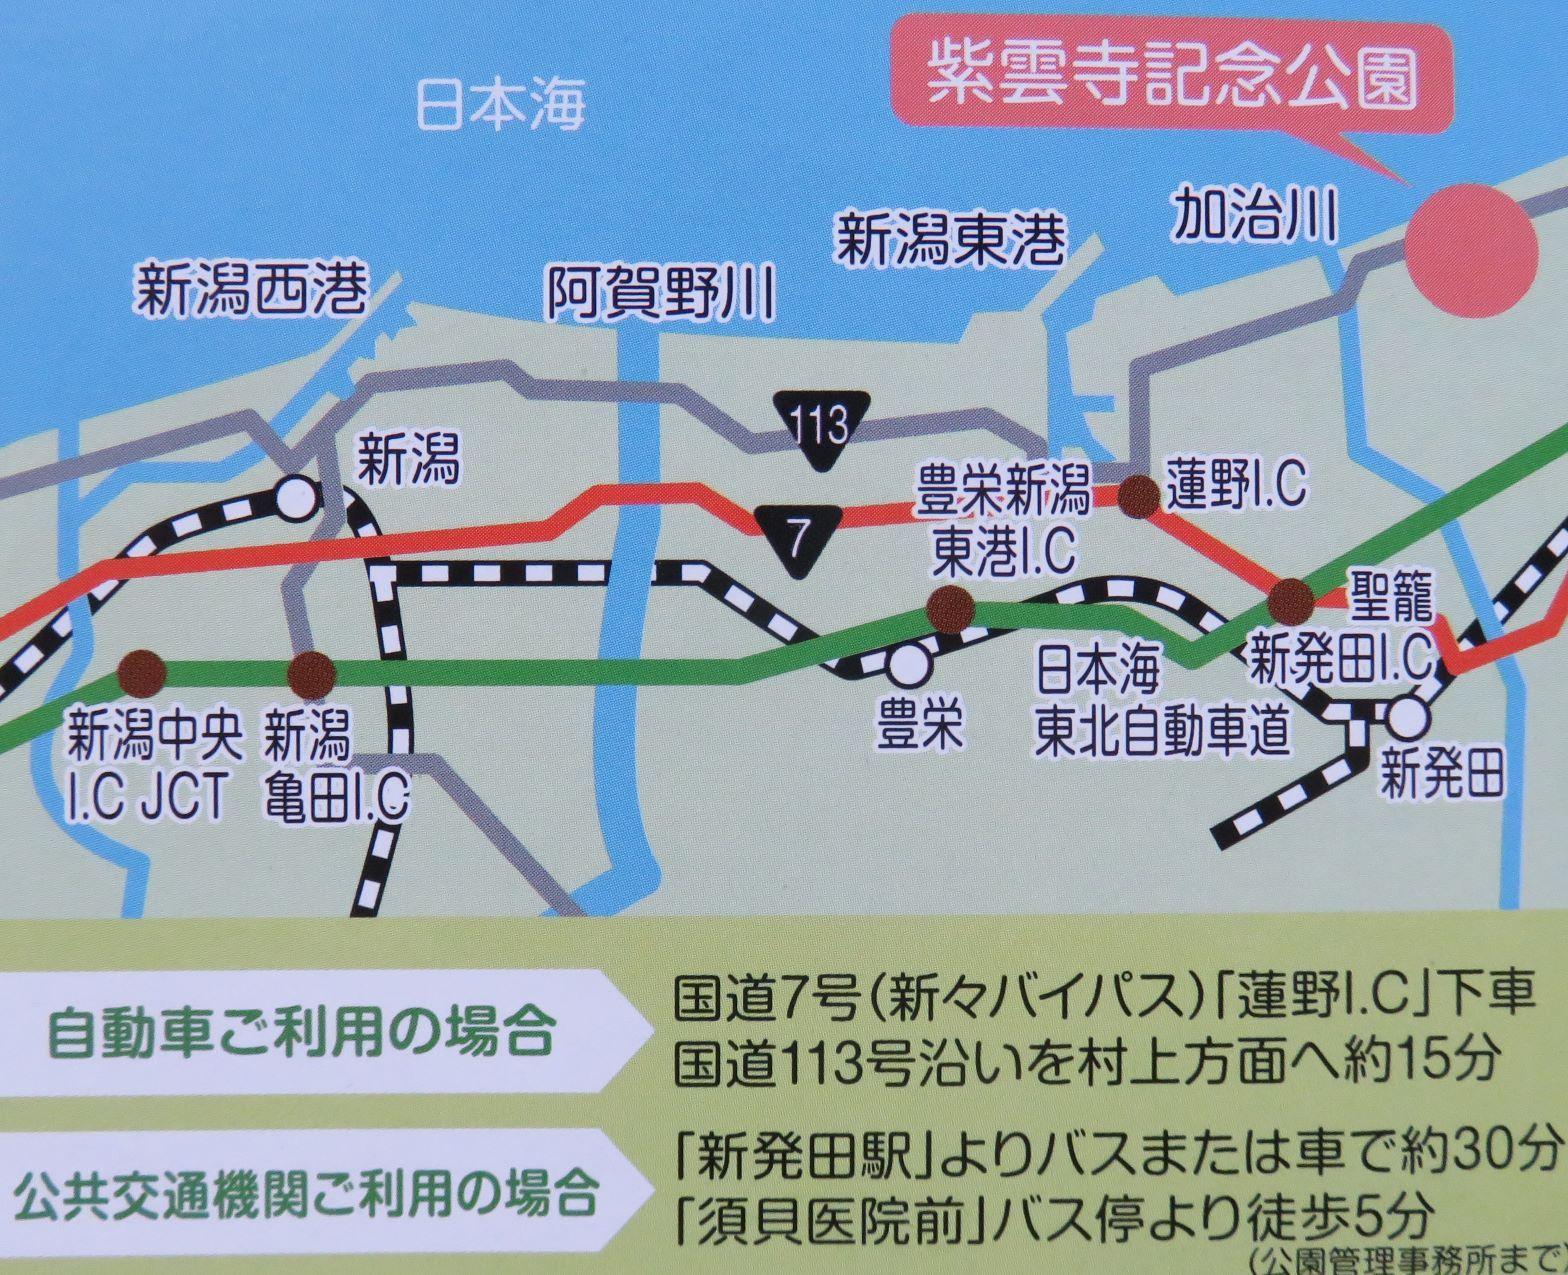 場 紫雲寺 オート 記念 公園 キャンプ